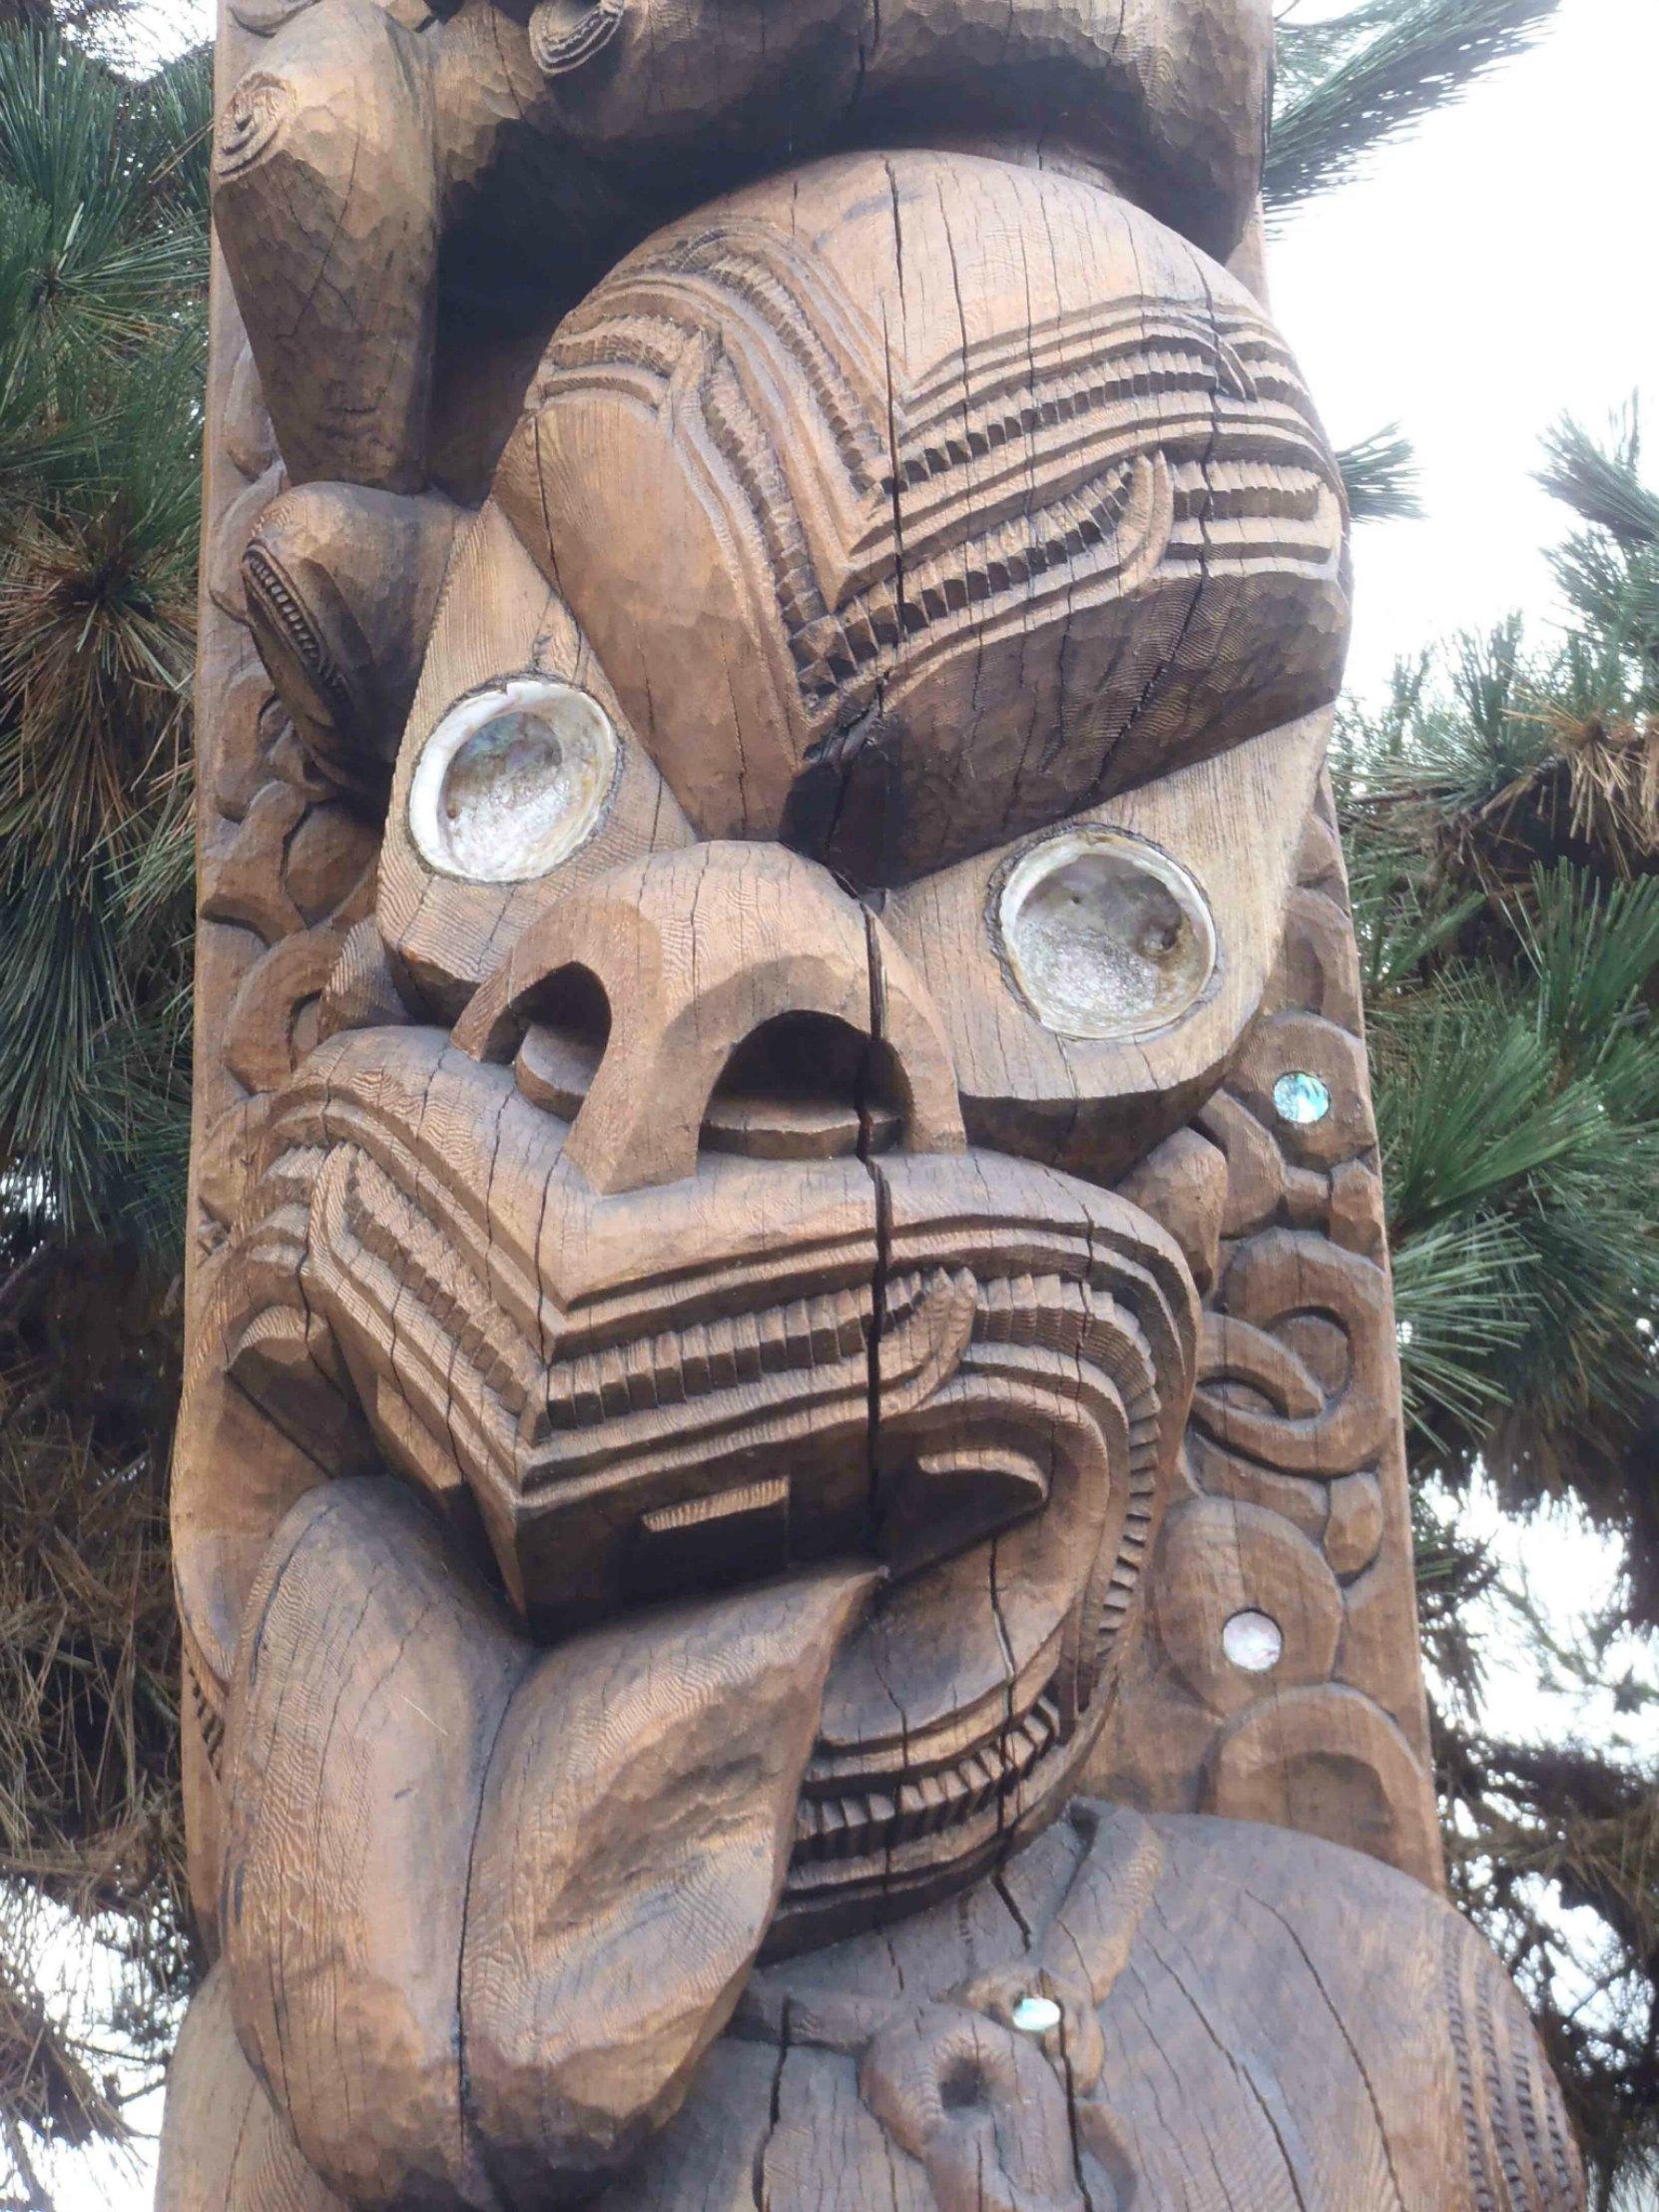 PouPou Tane Hiira Pou Karanga, Tane Hiira figure detail